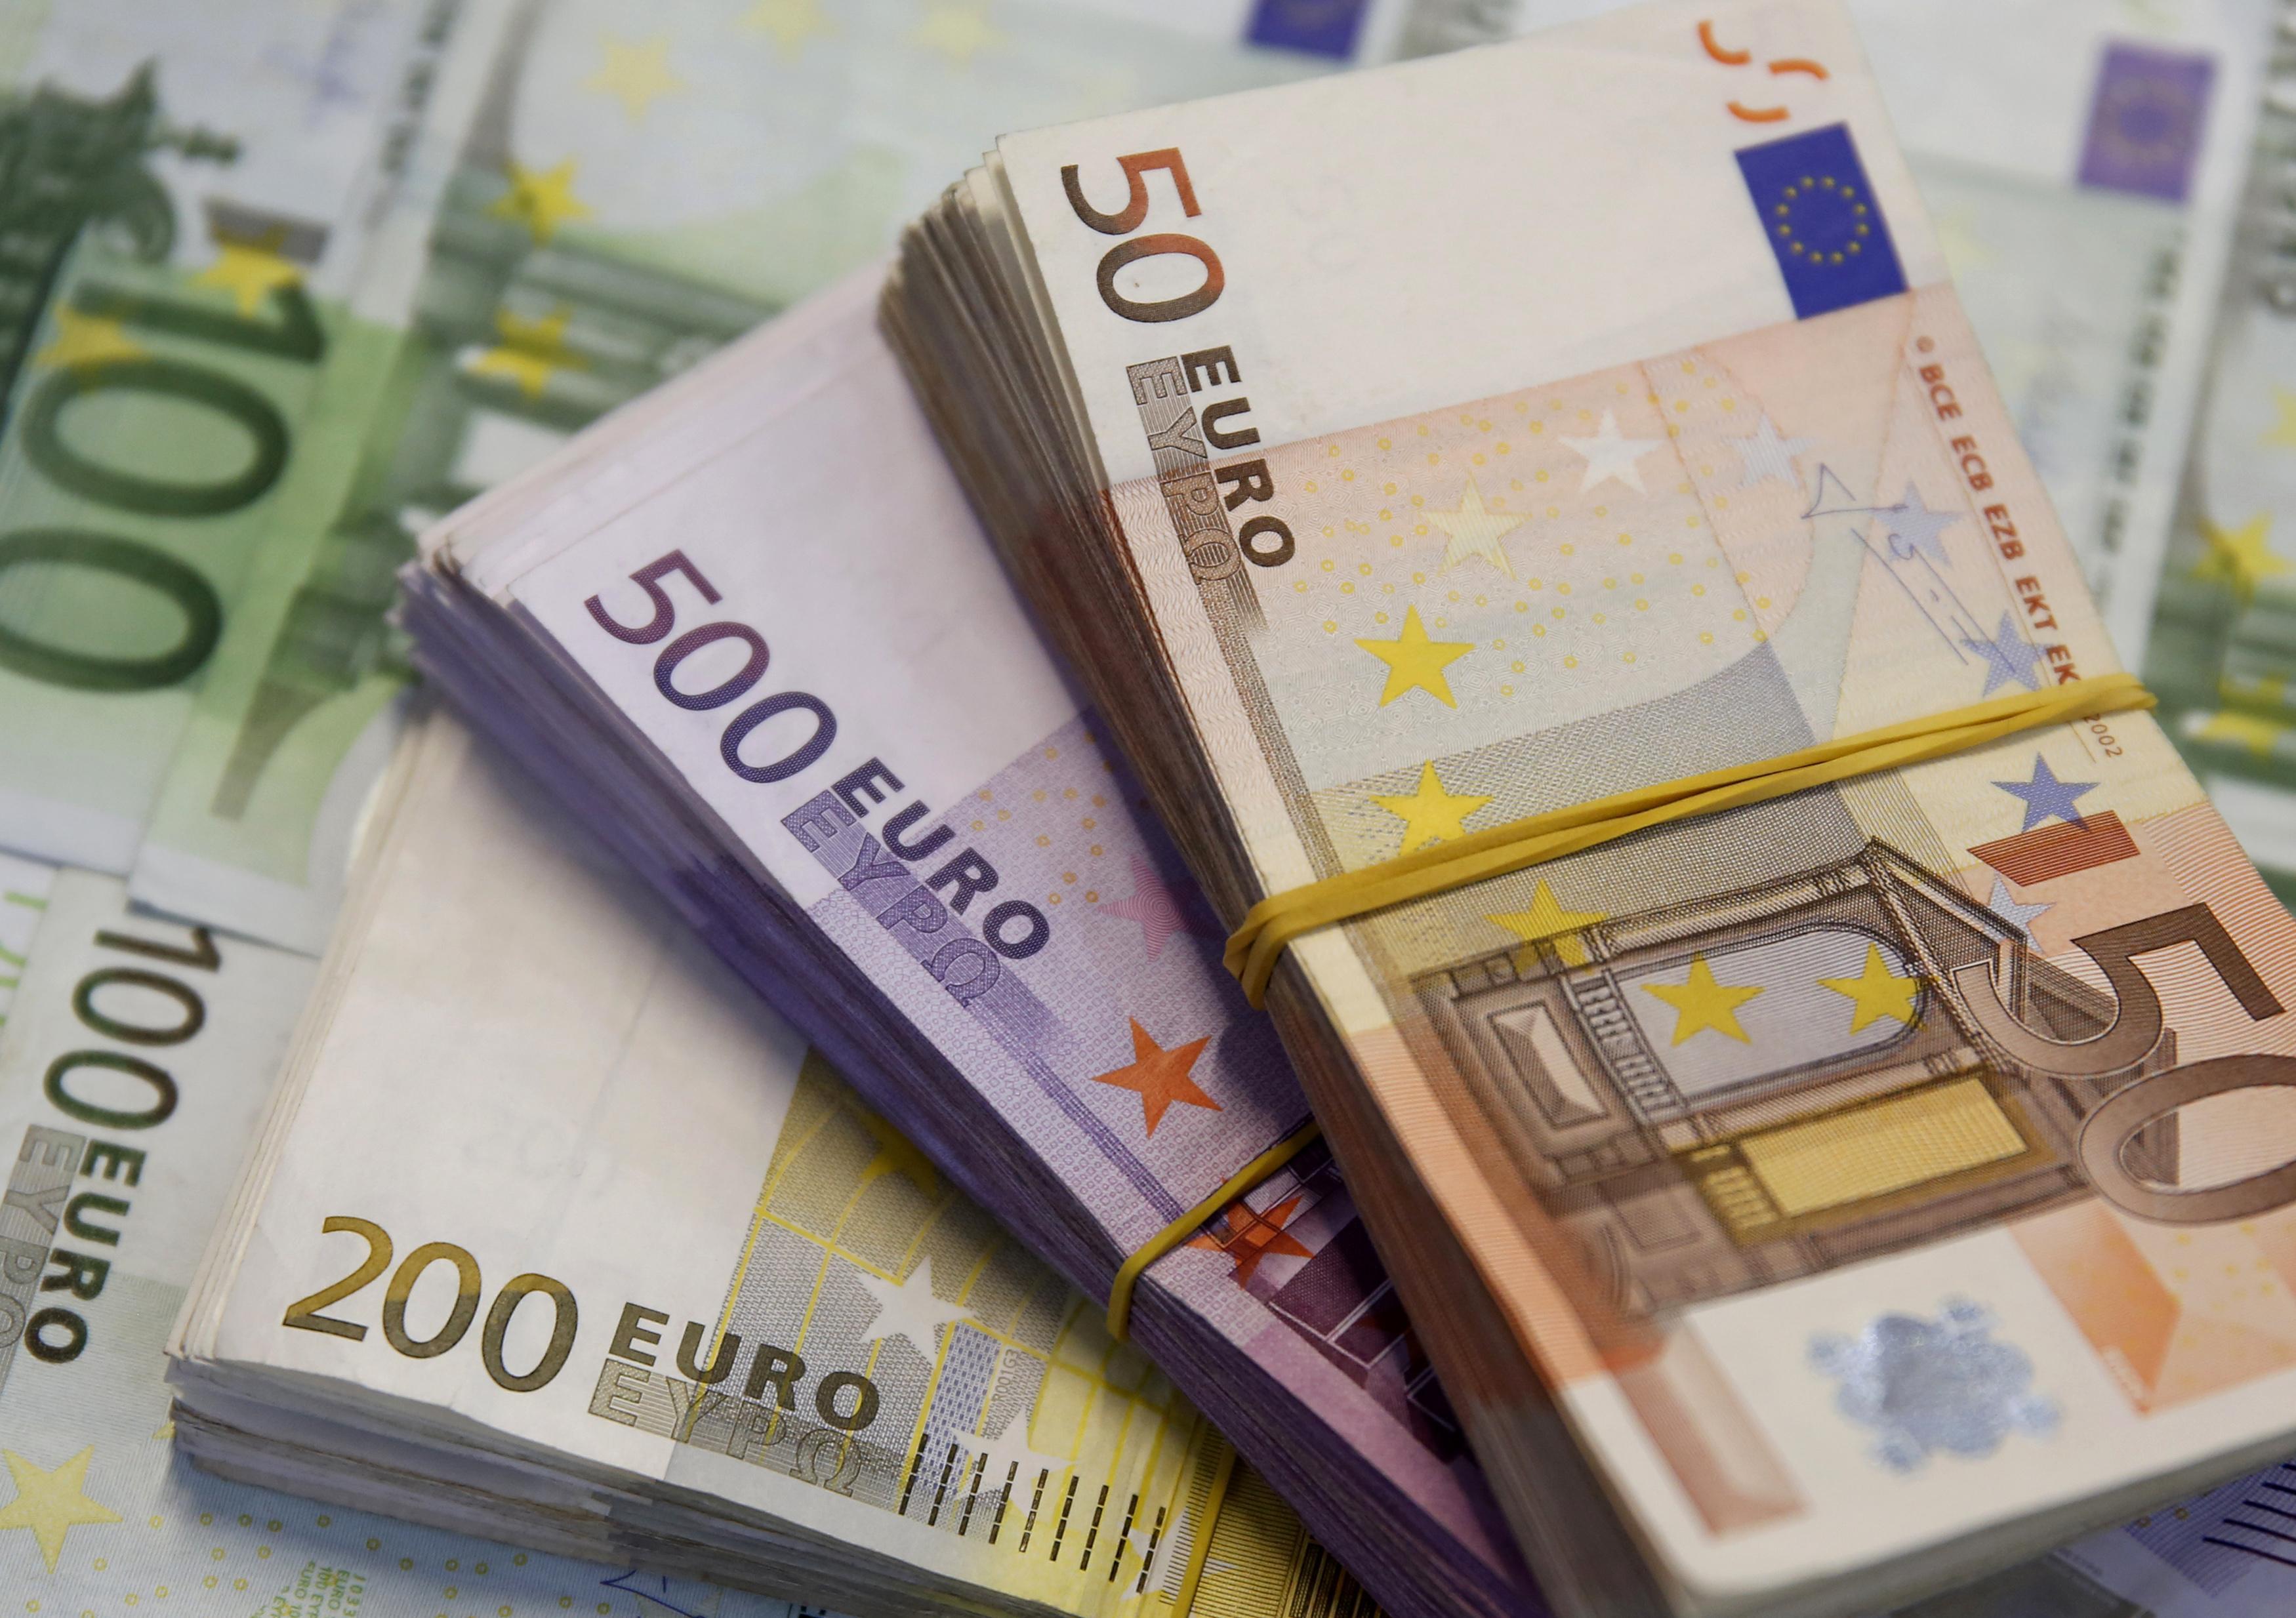 Σε ιστορικά υψηλά οι άμεσες ξένες επενδύσεις στην Ευρώπη το 2015   tovima.gr